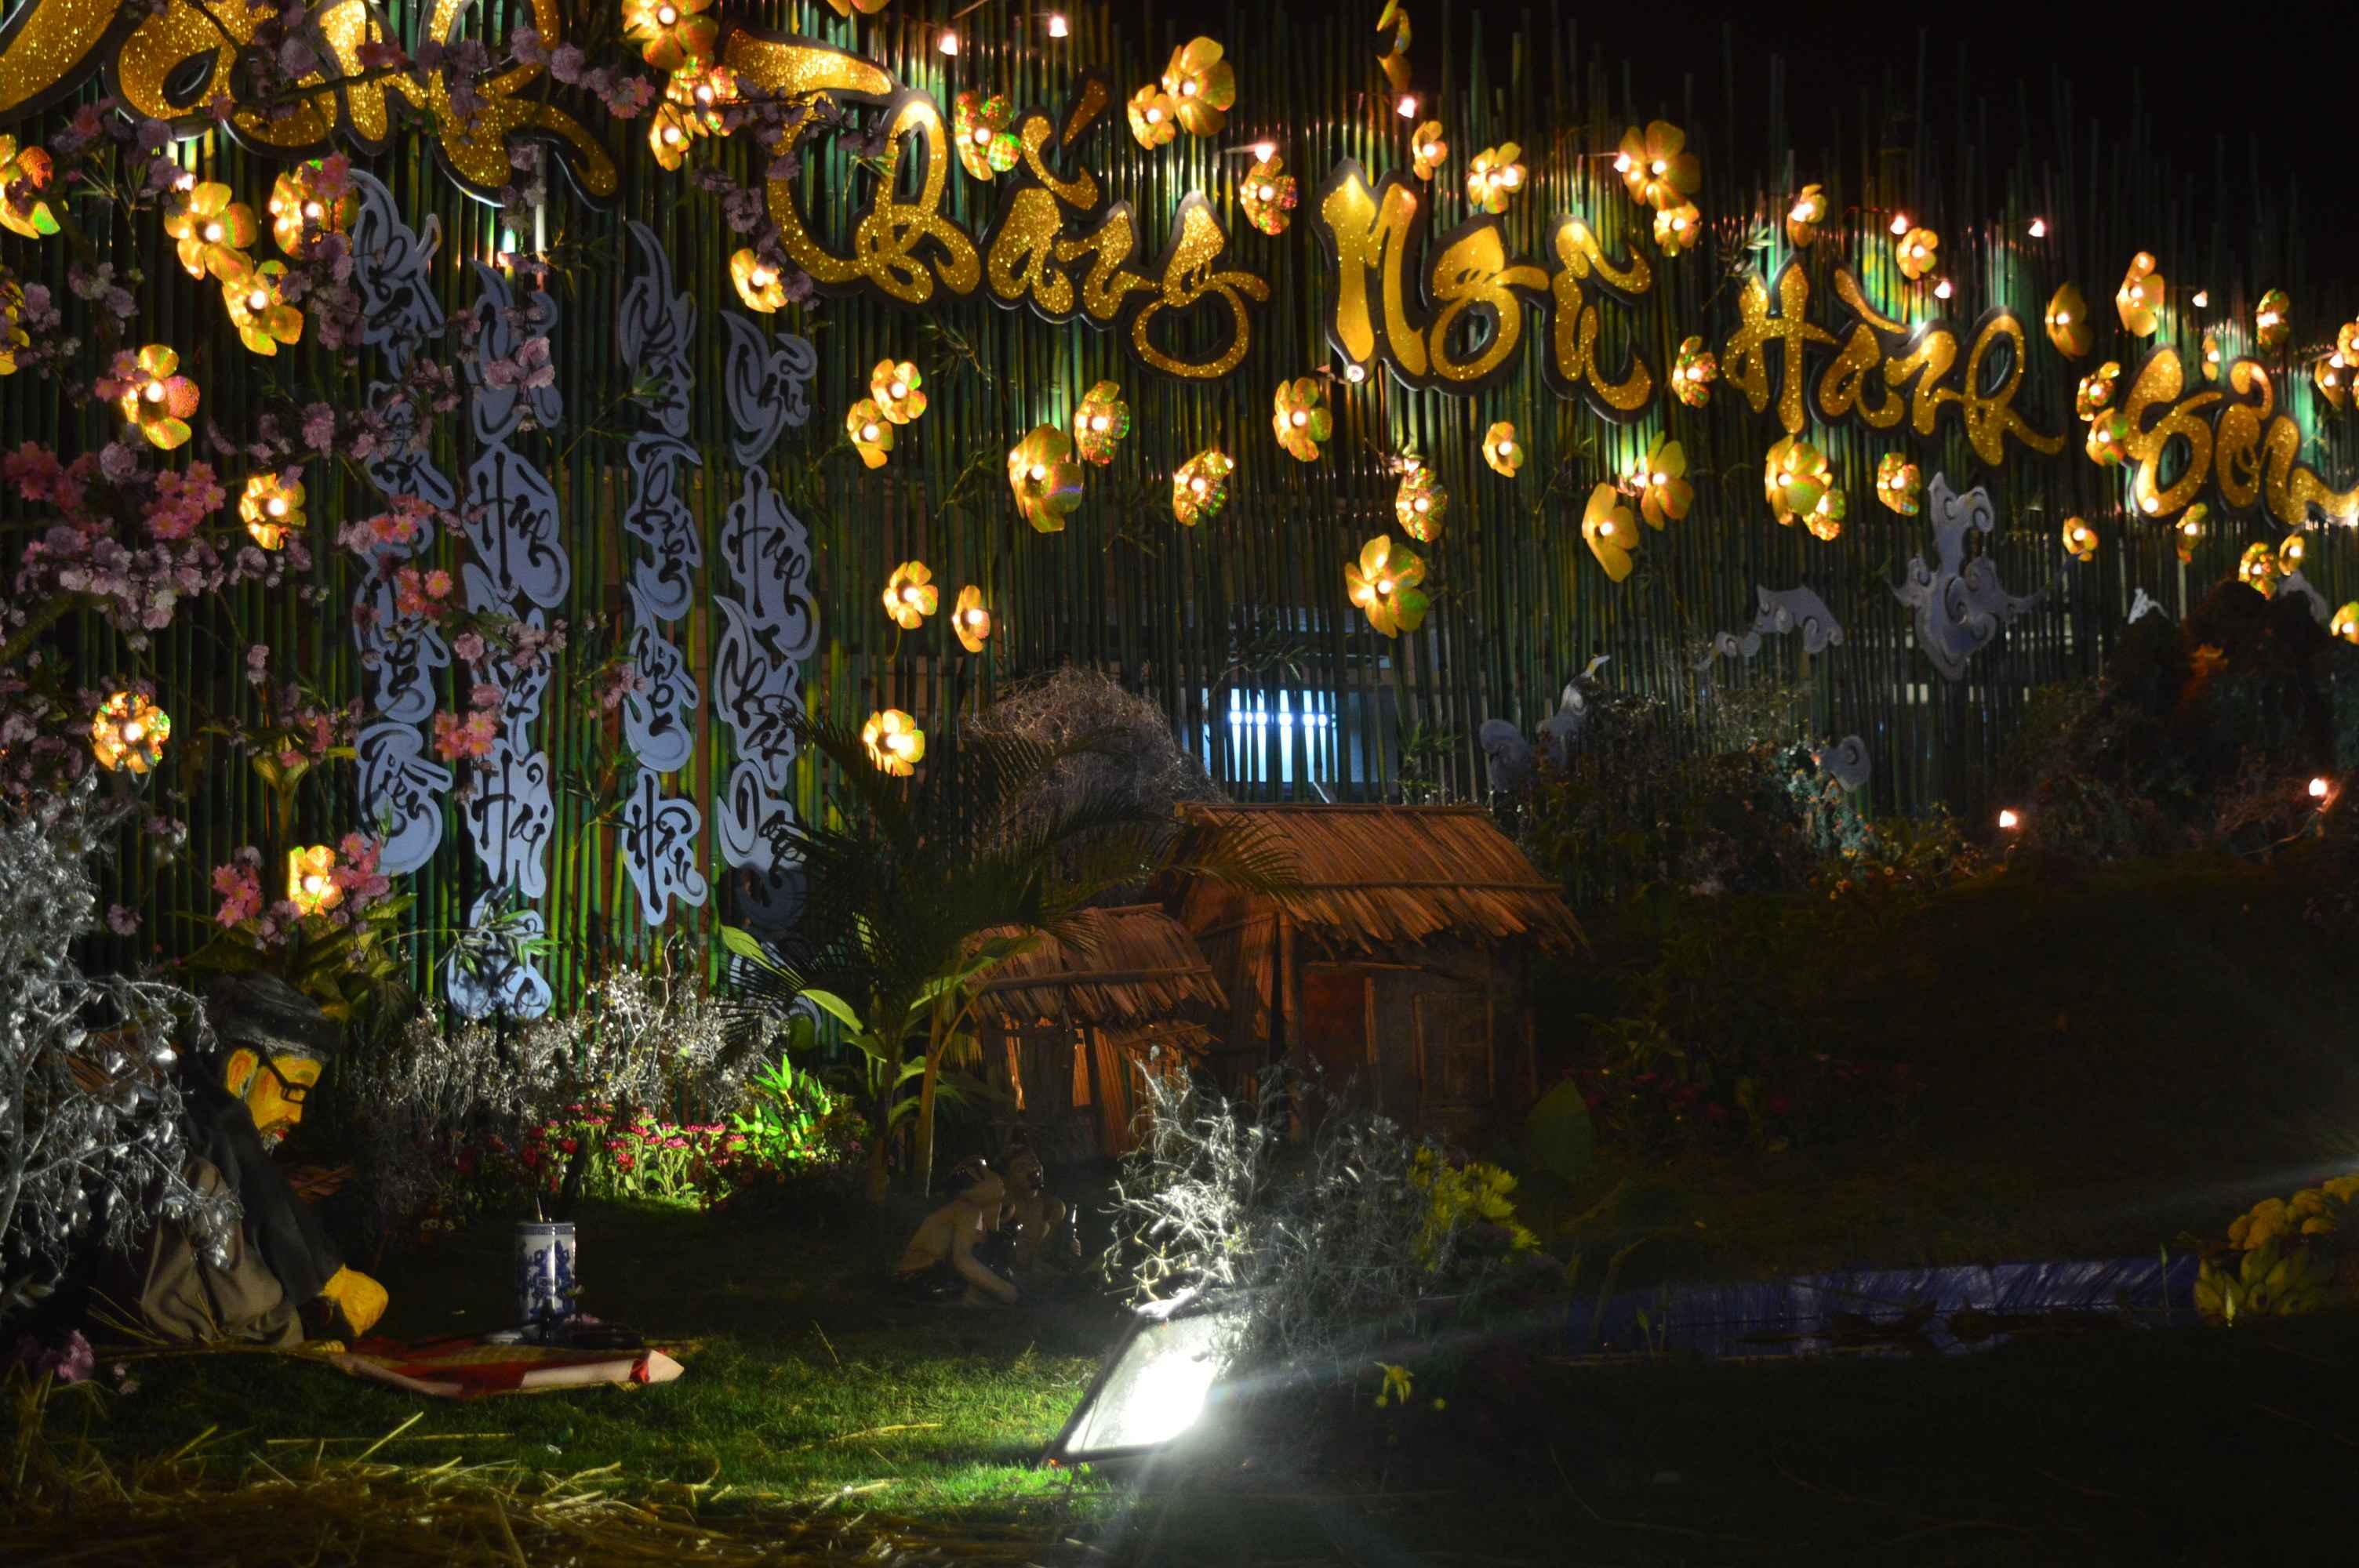 Khu vực danh thắng Ngũ Hành Sơn được trang trí bắt mắt hơn vào dịp lễ hội Quán Thế Âm. Ảnh: Q.T